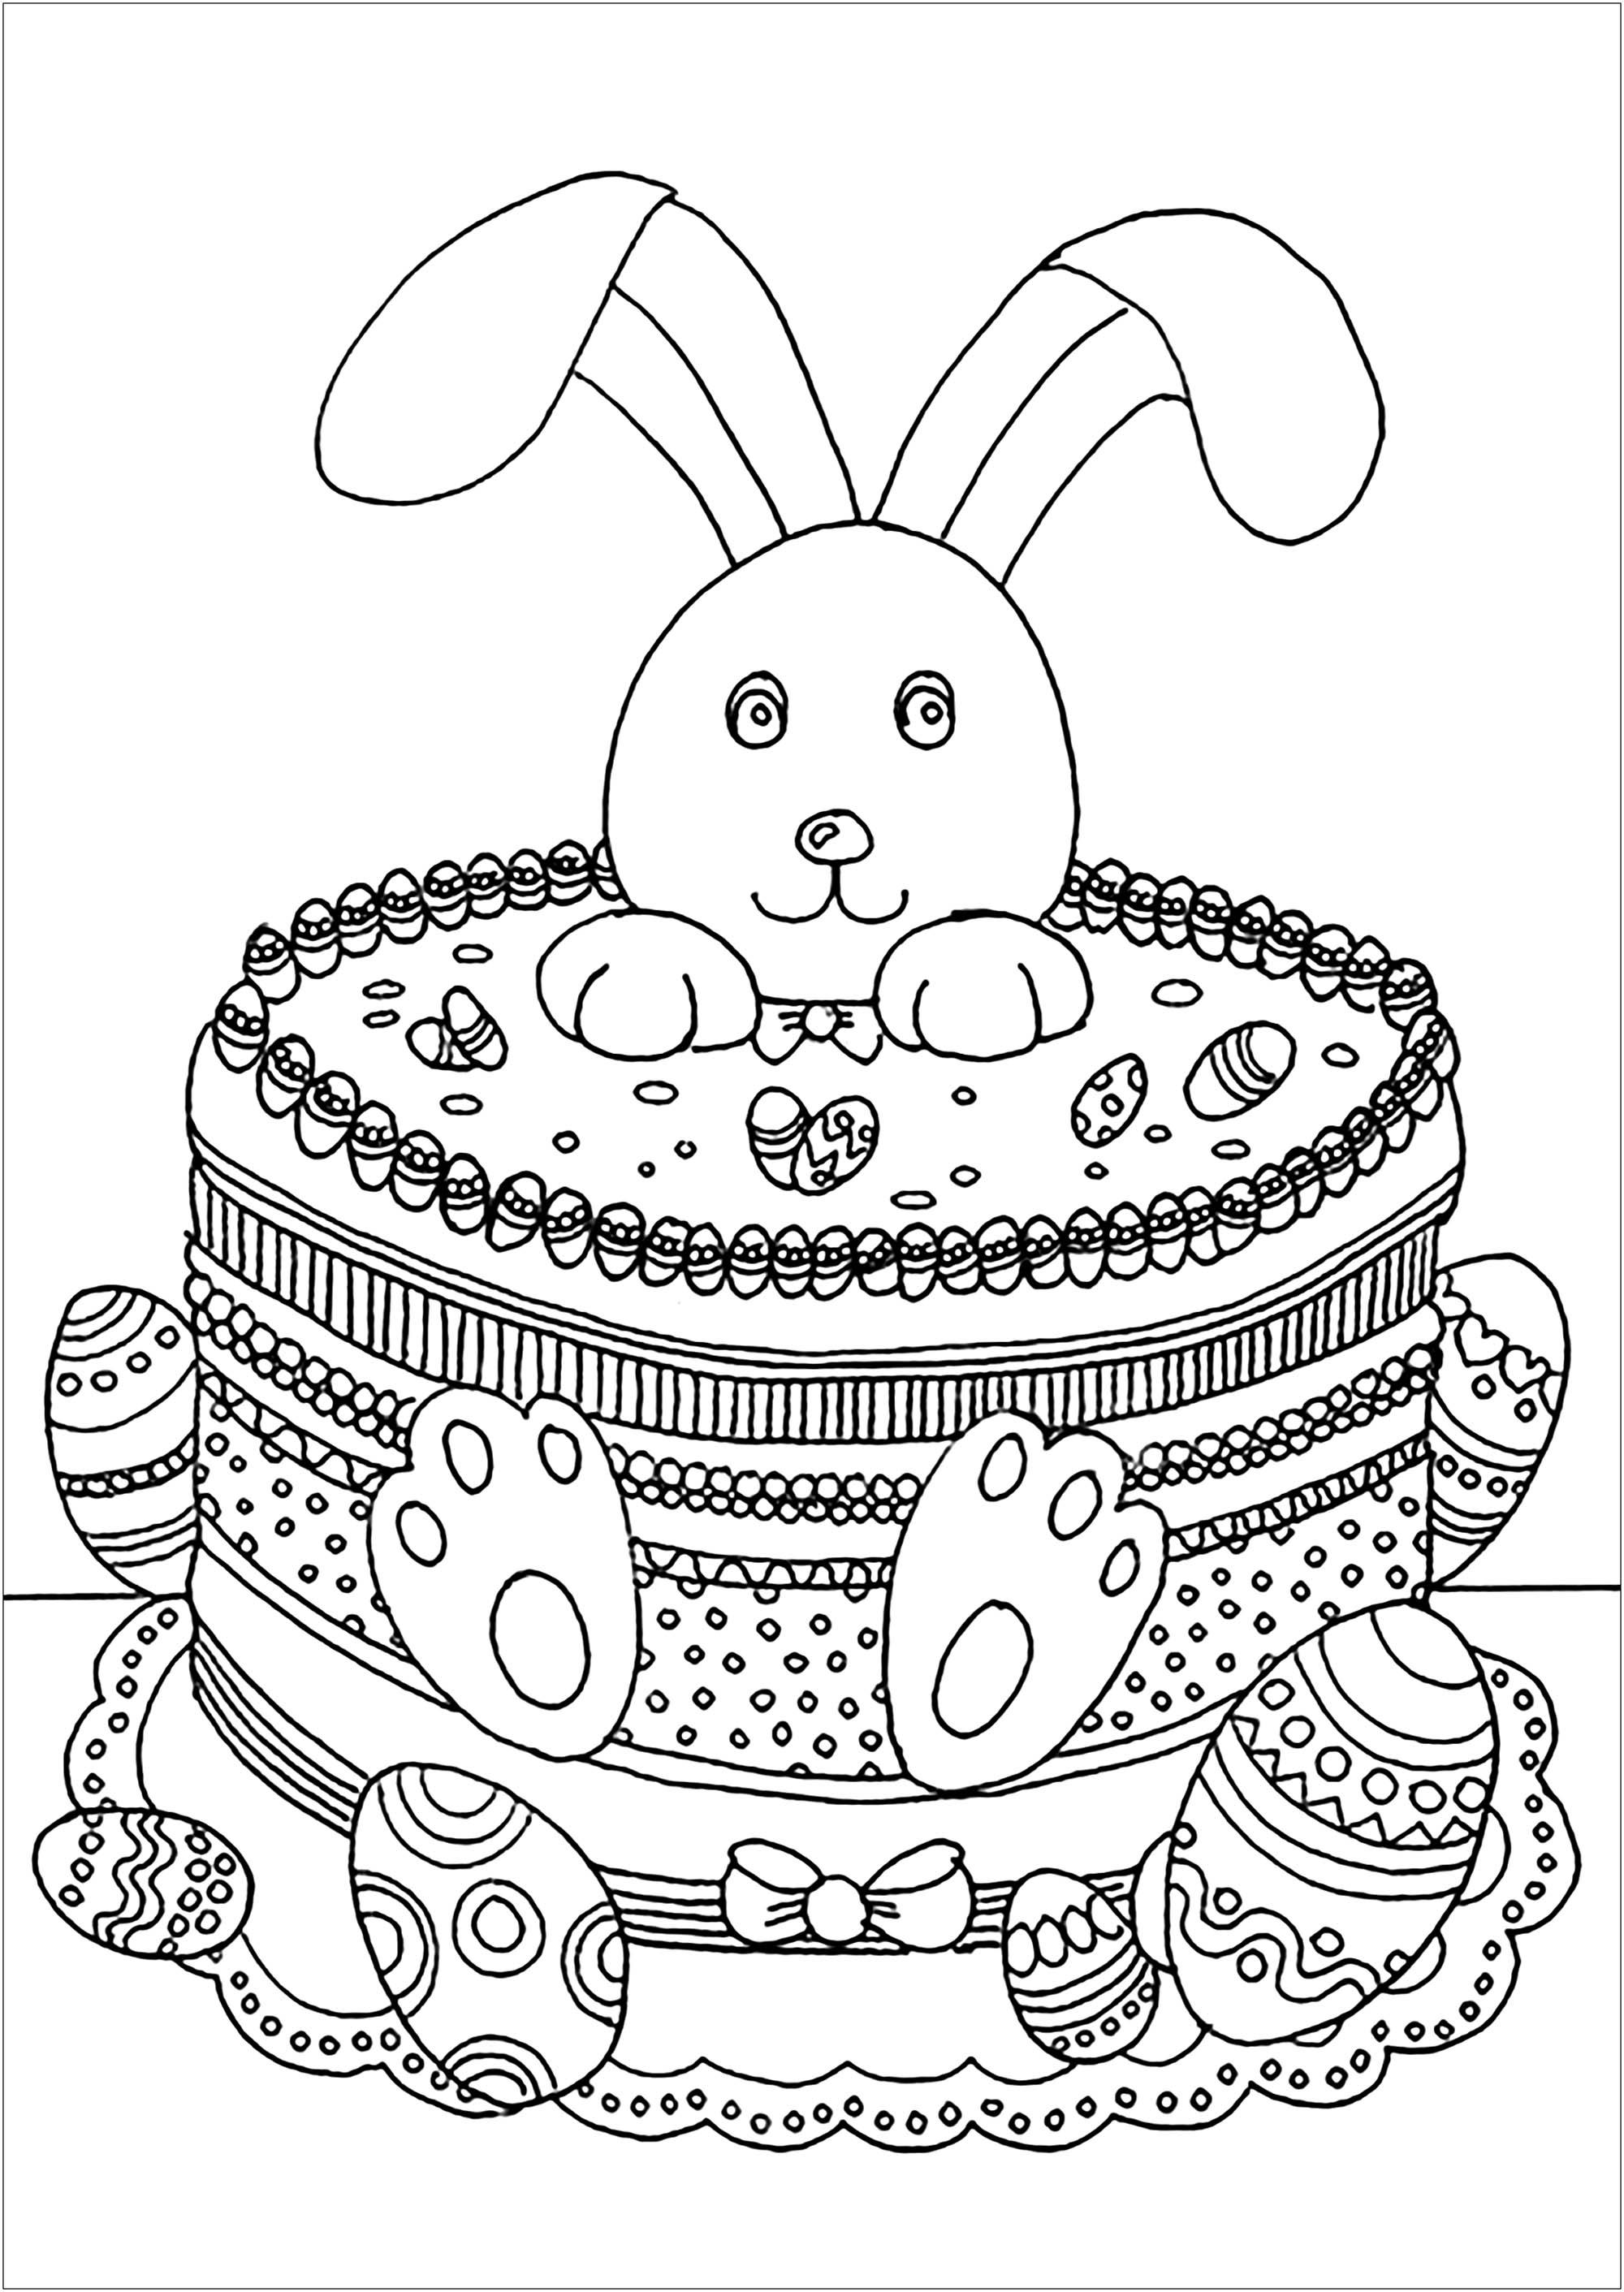 Joli lapin de Pâques dans un gâteau, plein de jolis oeufs à colorier